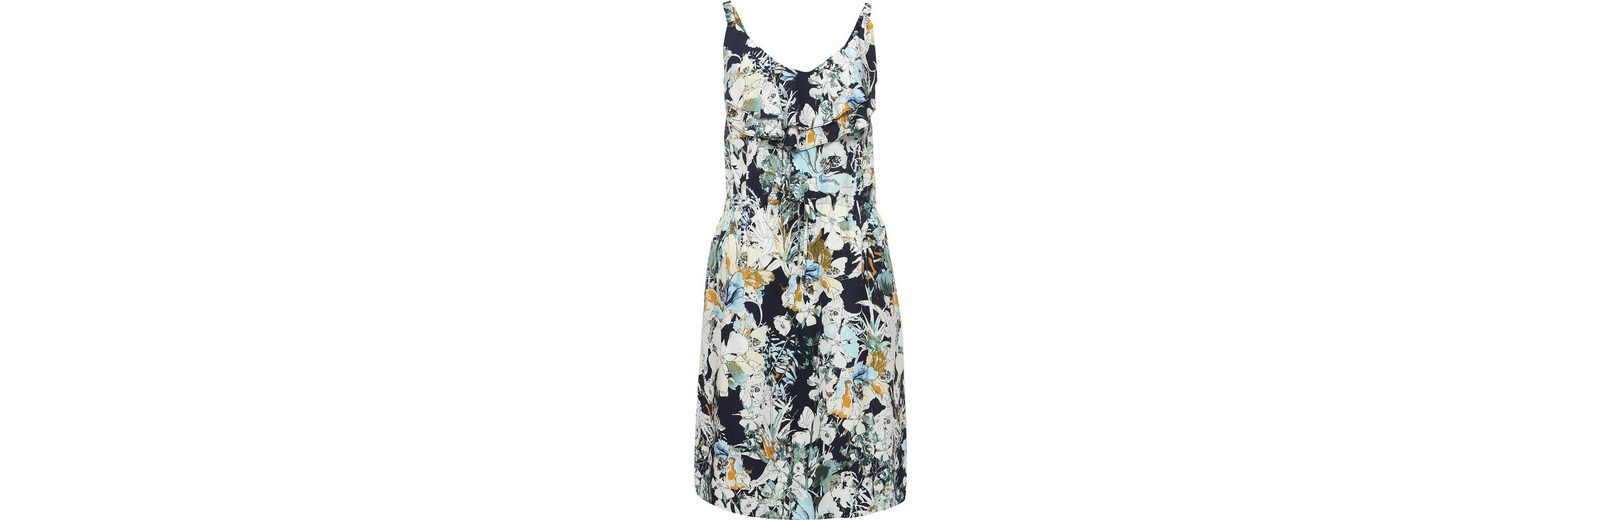 Finn Flare Kleid mit Rüschenausschnitt Billig Rabatt Verkaufskosten BT0Xk6gGb